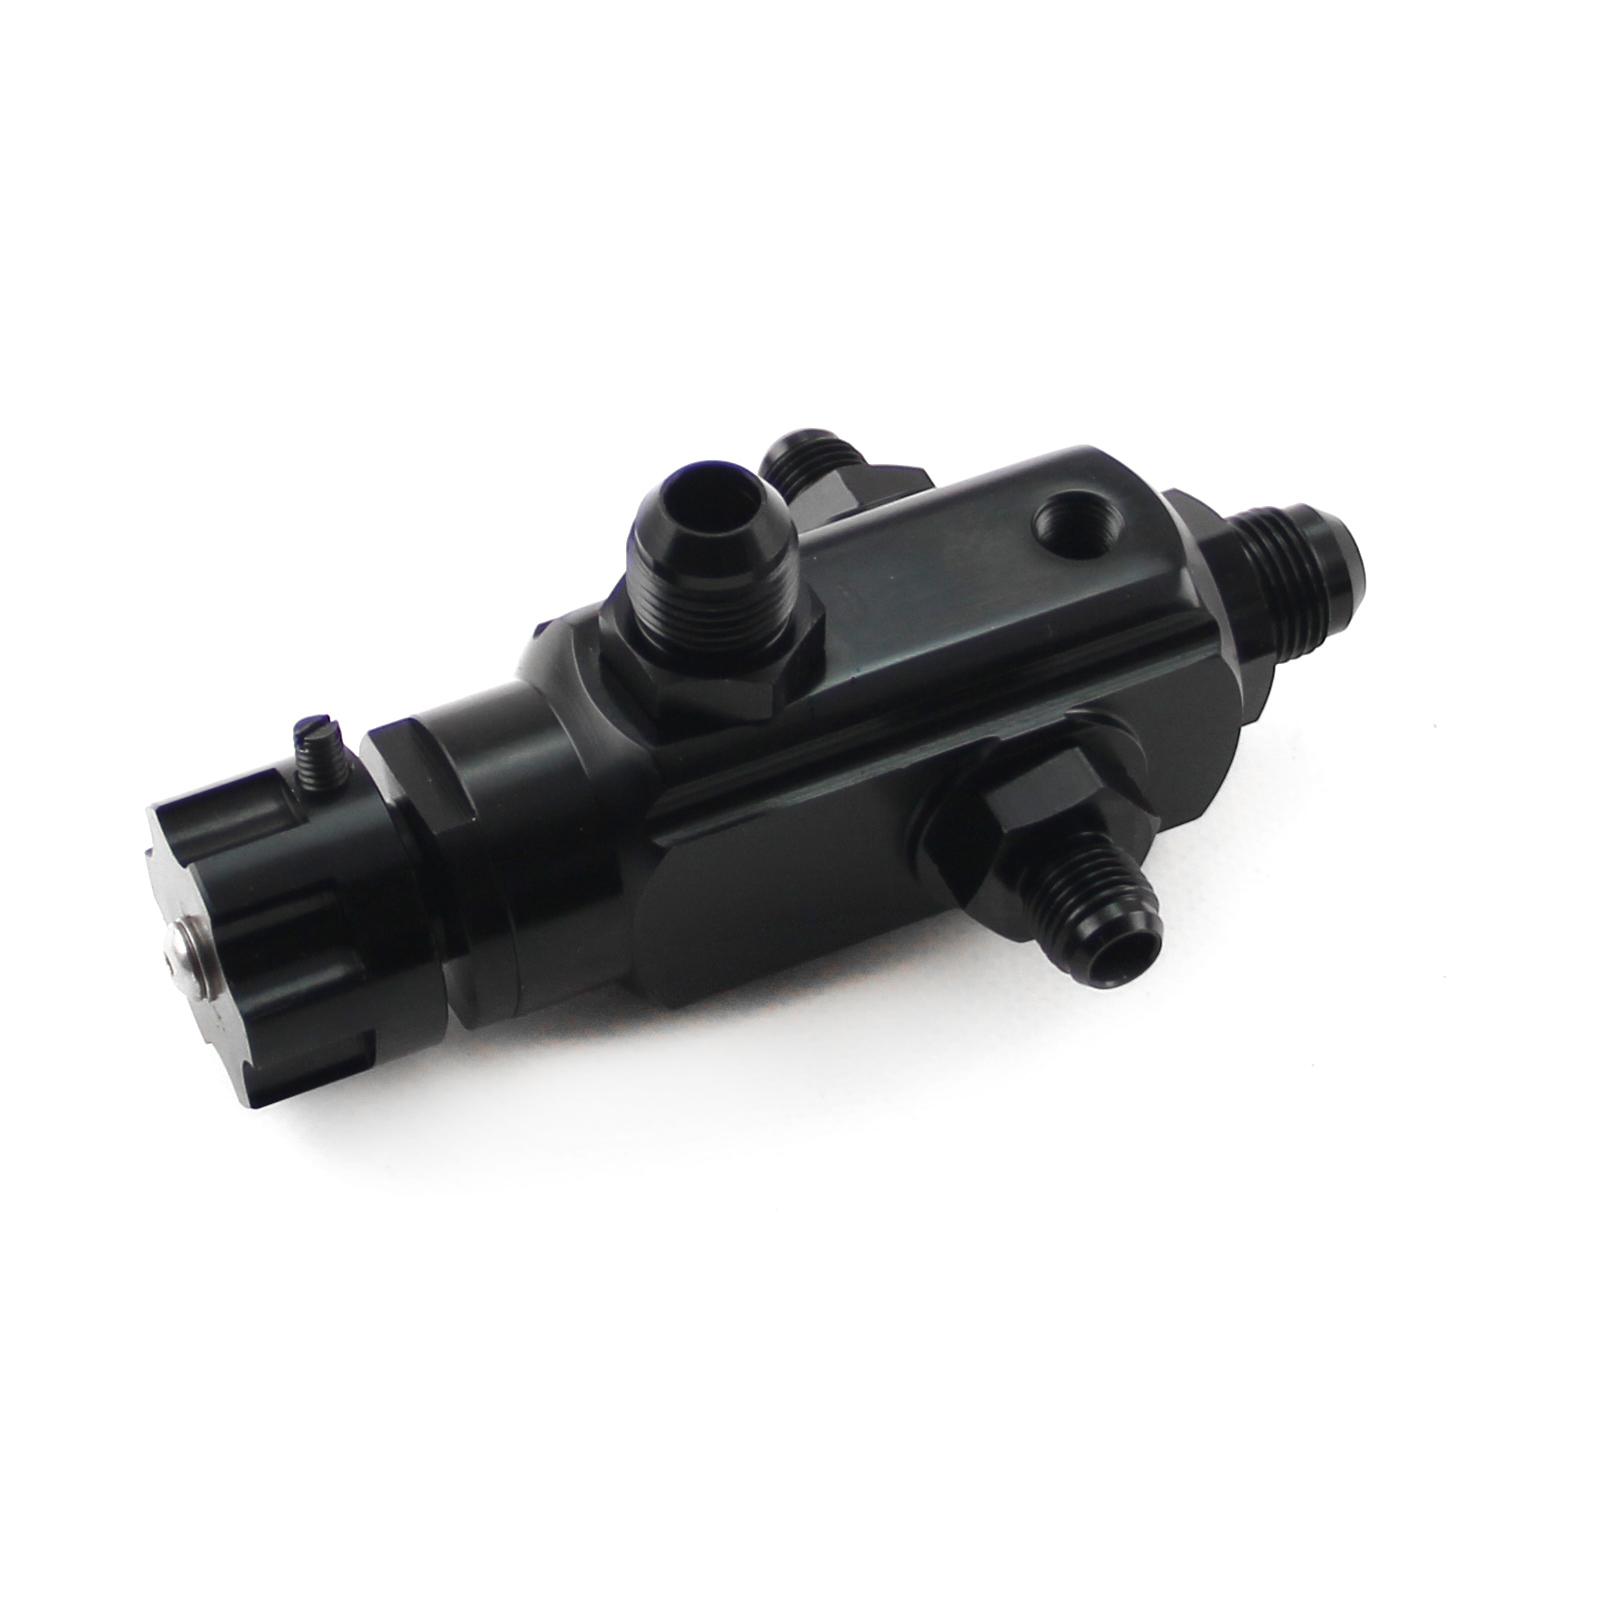 2 Port Universal Billet Return Style Adjustable Fuel Pressure Regulator Black